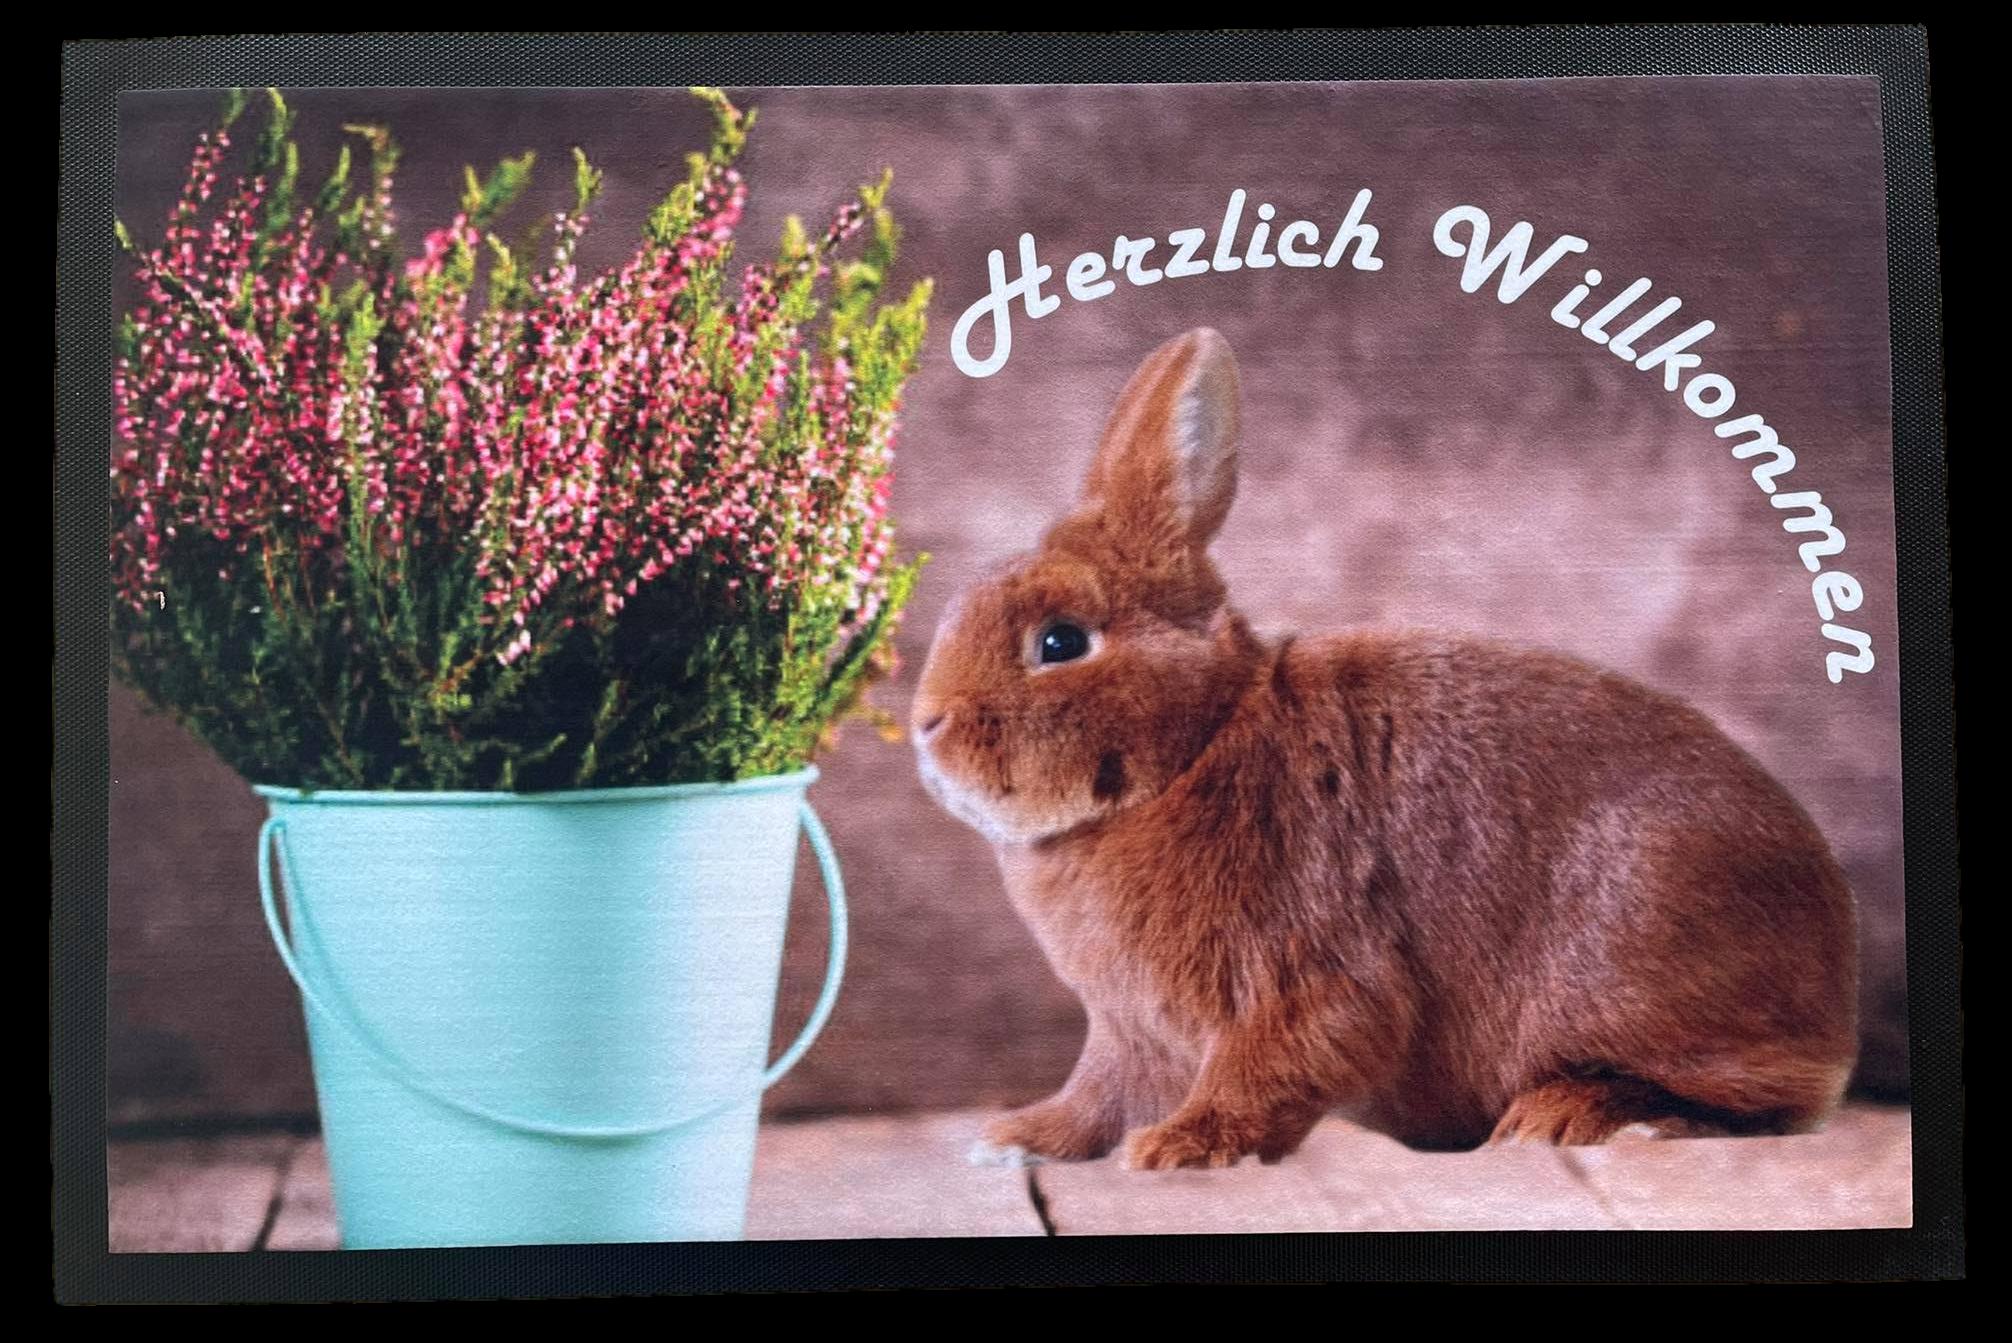 Fußmatte 75x50 cm rutschfest Herzlich Willkommen mit Kaninchen F003